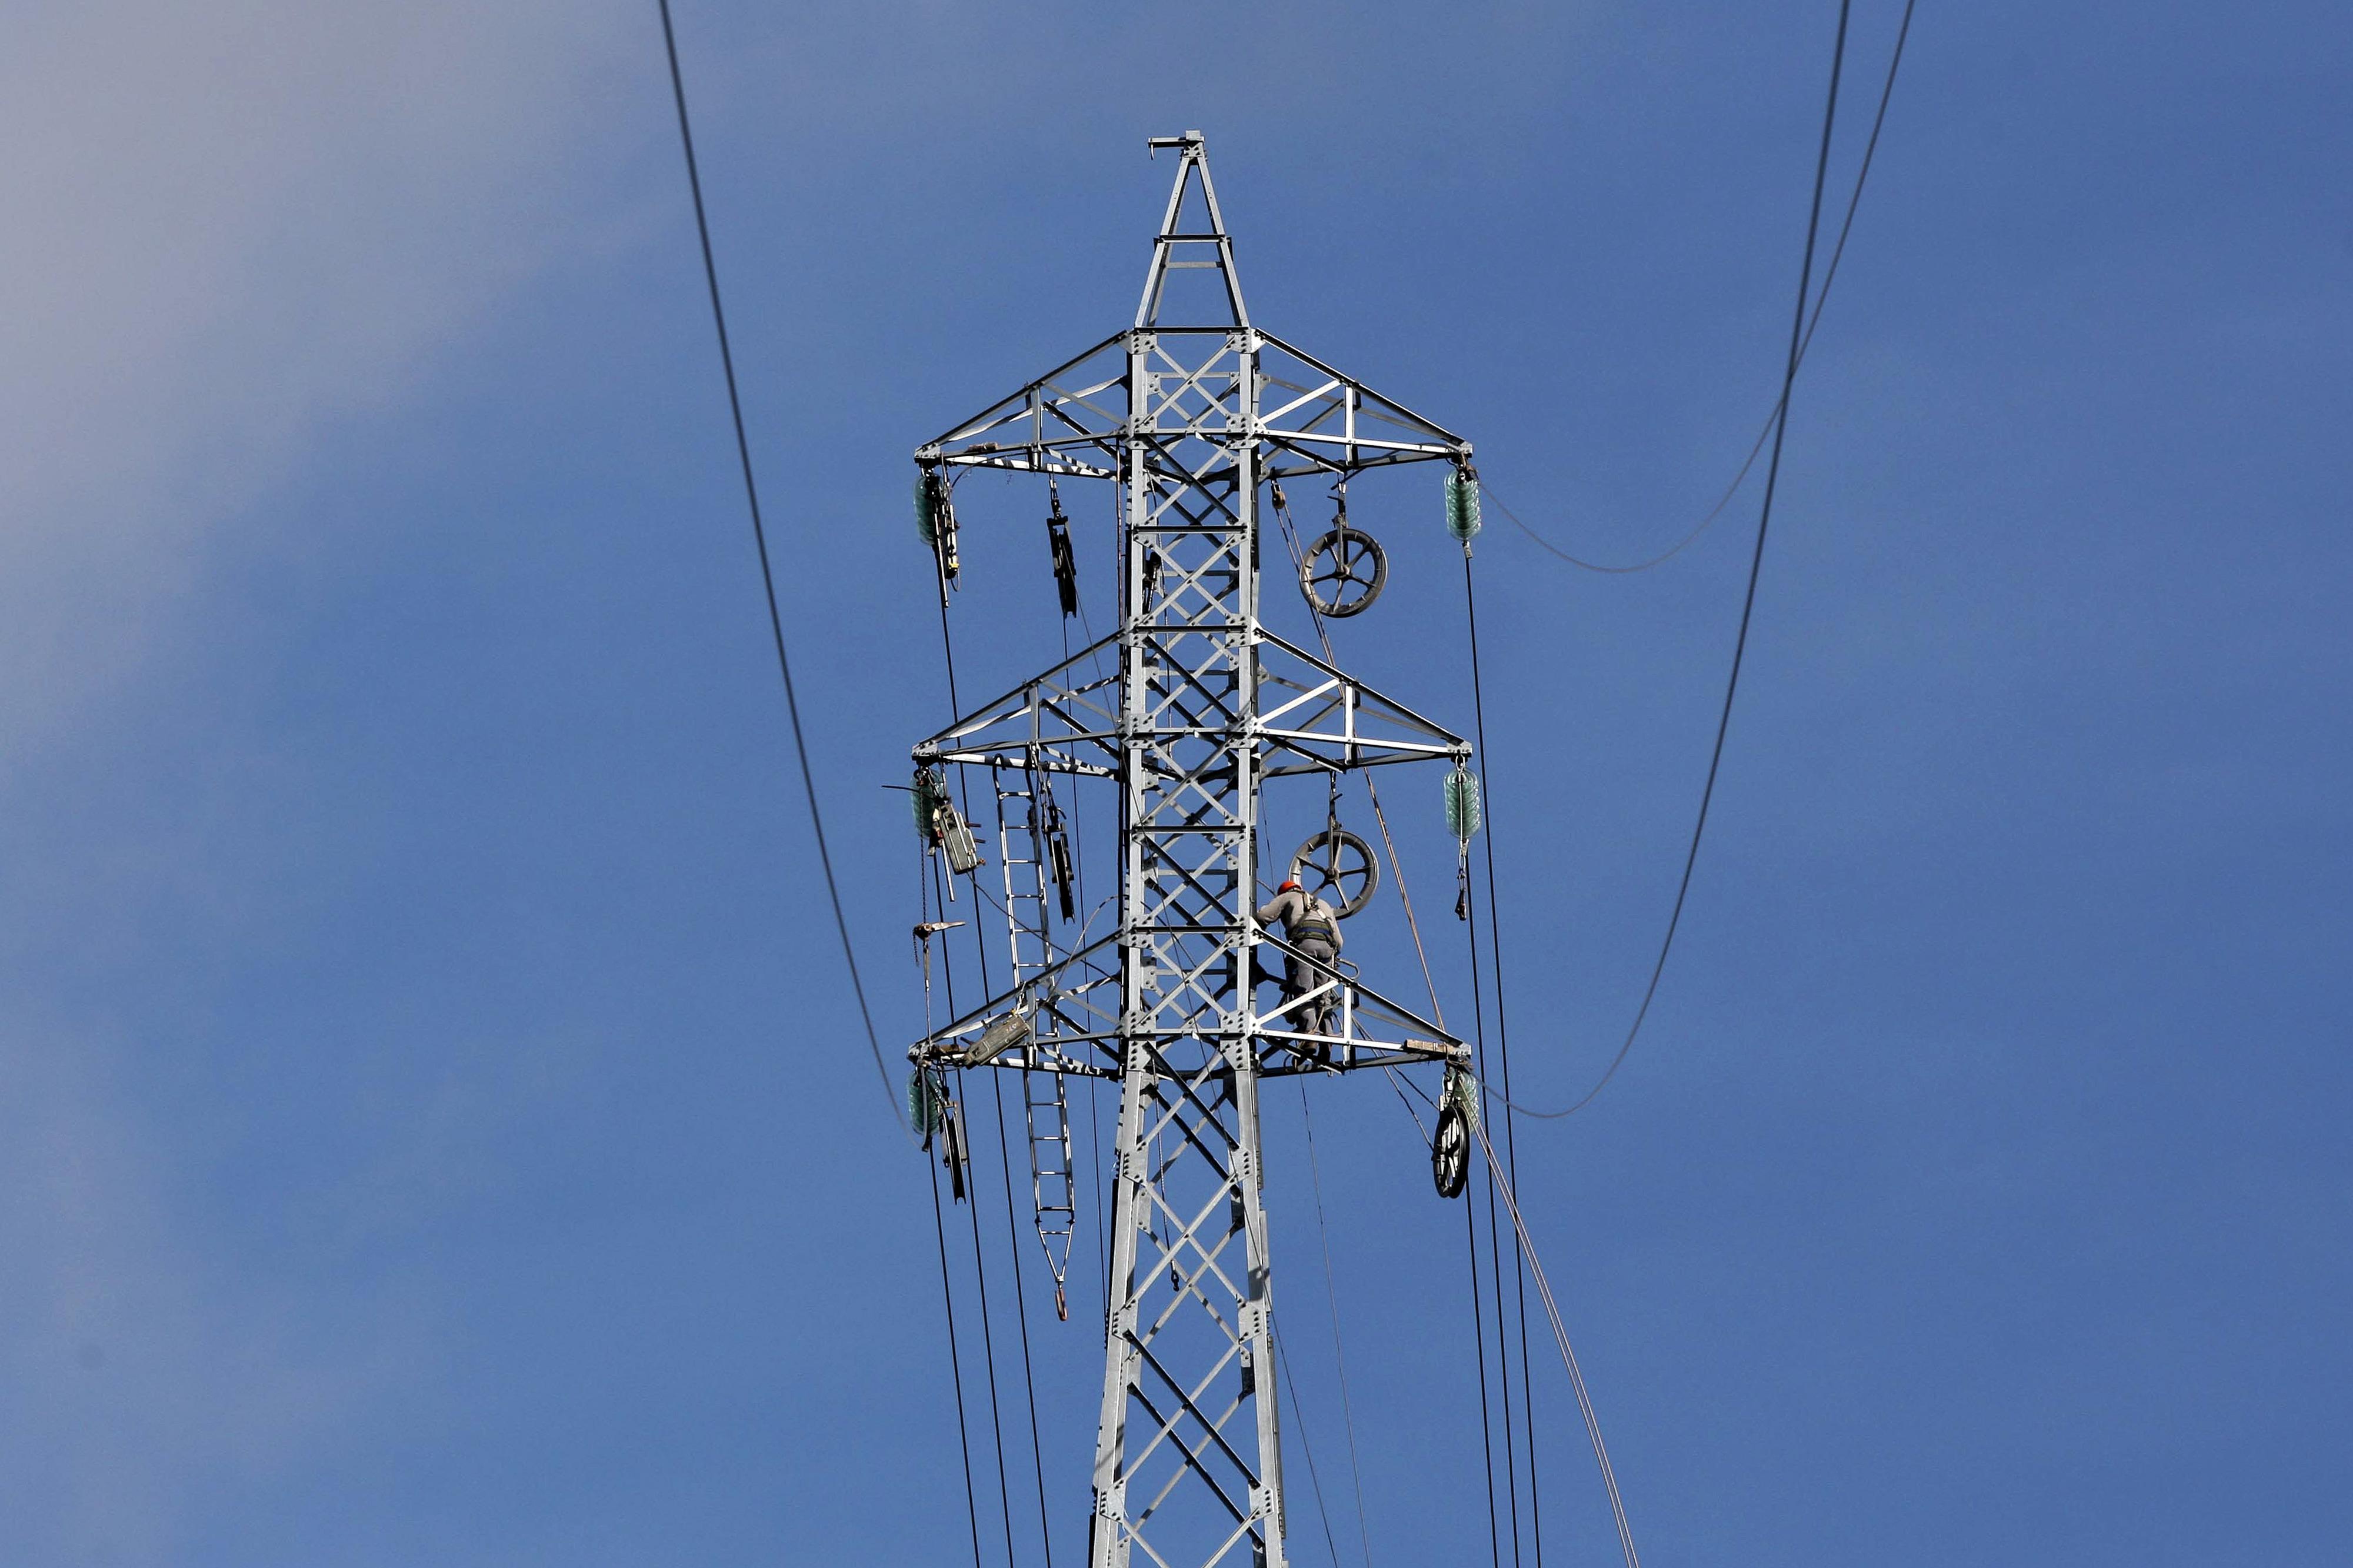 Homem morre eletrocutado em Torres Vedras. Autoridades suspeitam de tentativa de furto